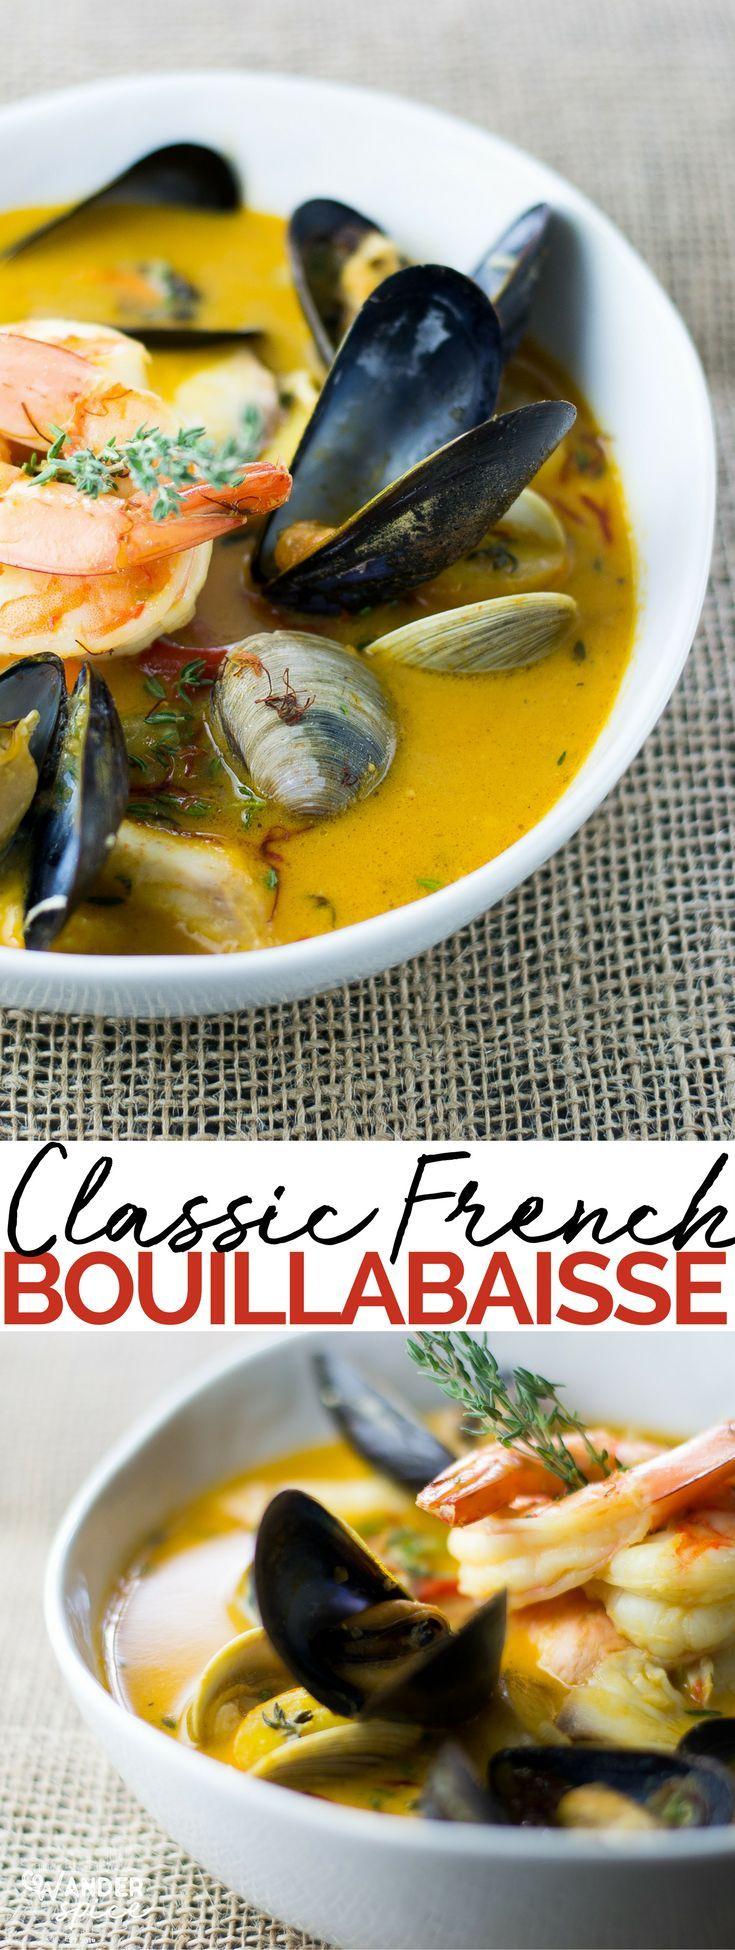 Classic Bouillabaisse - mussels | clams | shrimp | soup | broth | fish | salmon | saffron